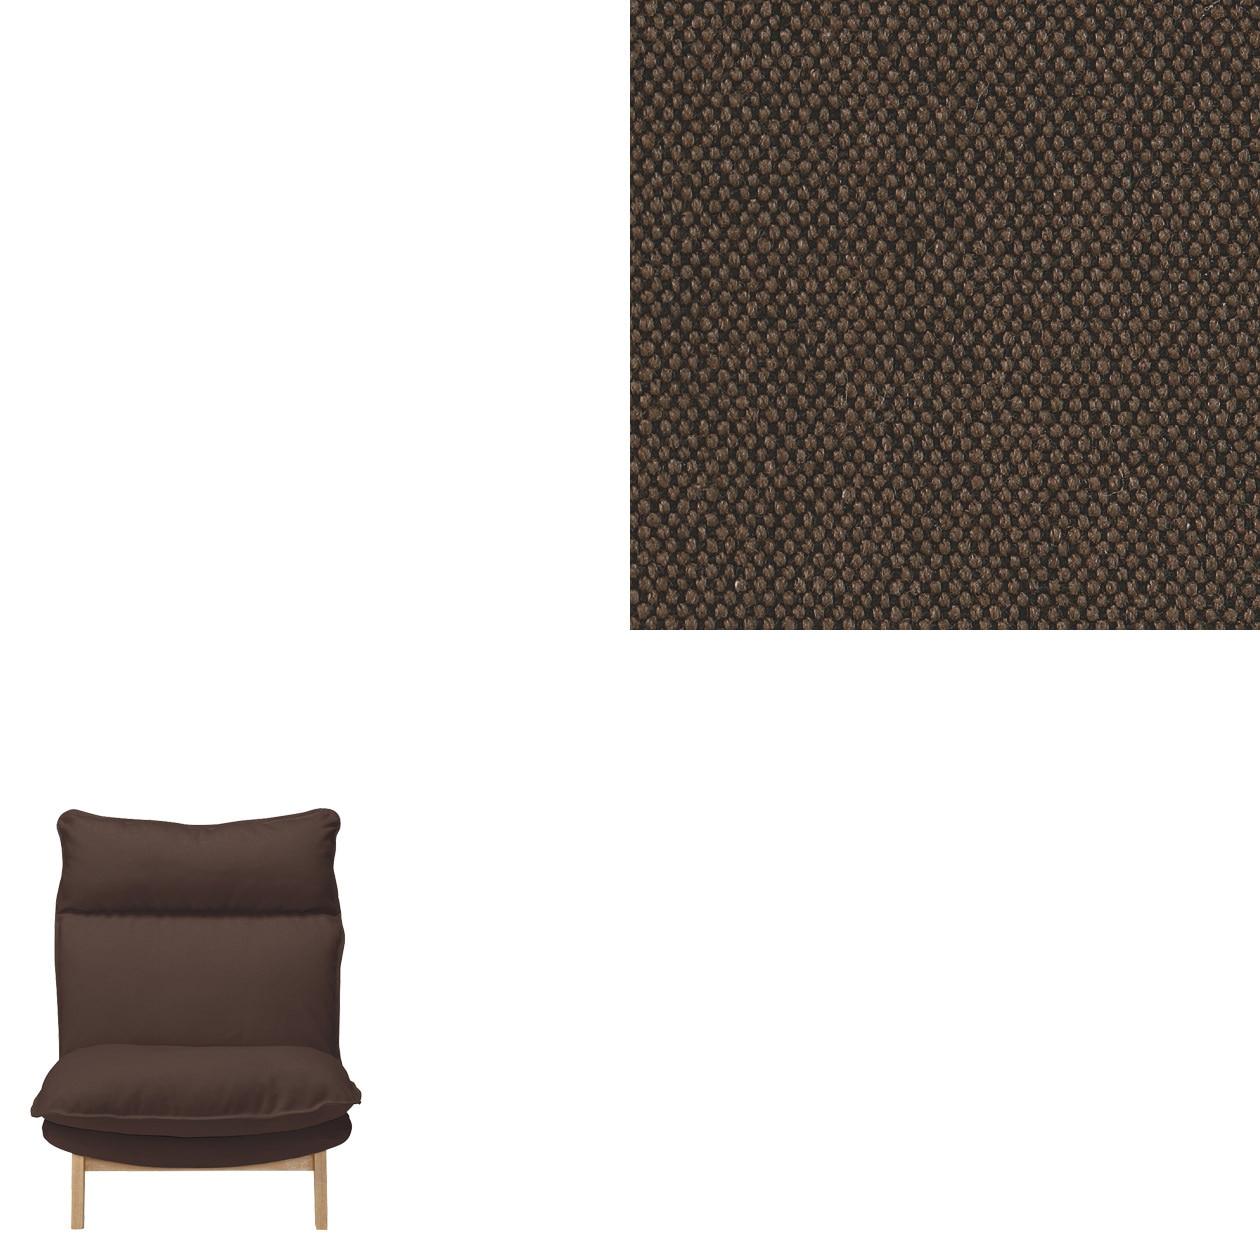 綿平織ハイバックリクライニングソファ・1シーター用カバー/ベージュ ダークブラウン